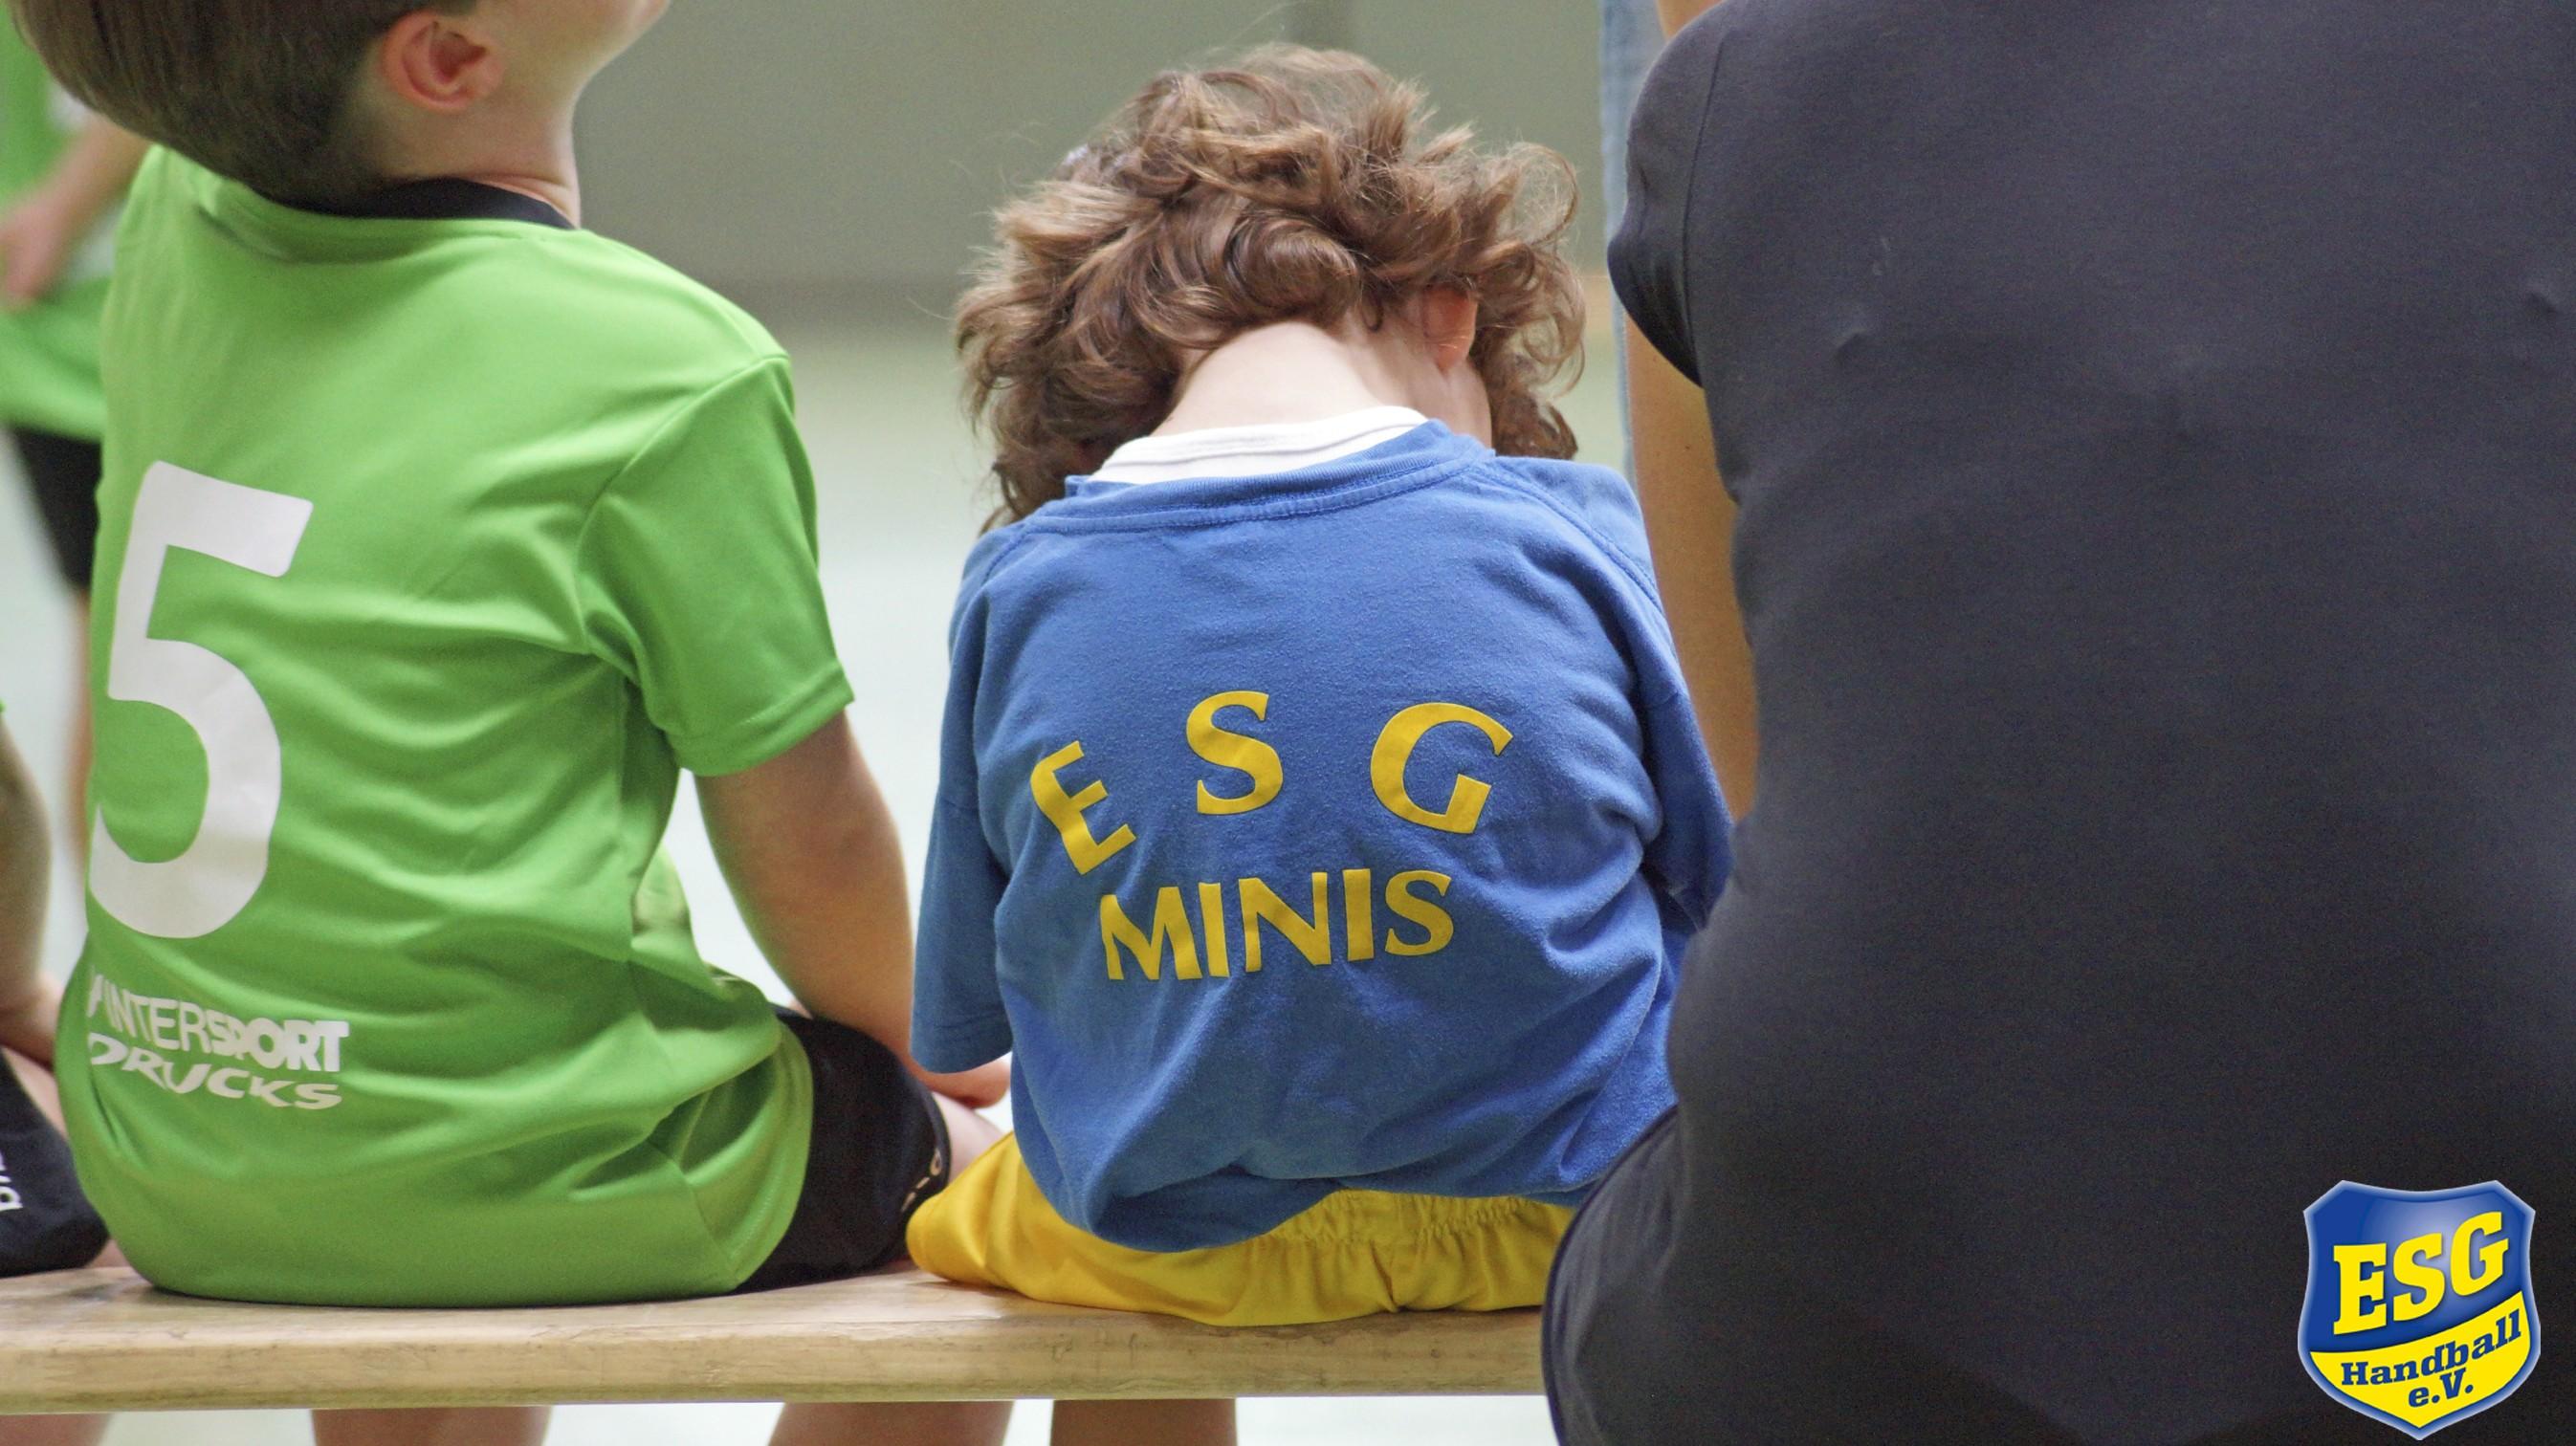 Miniturnier Jülich 20.09.2015